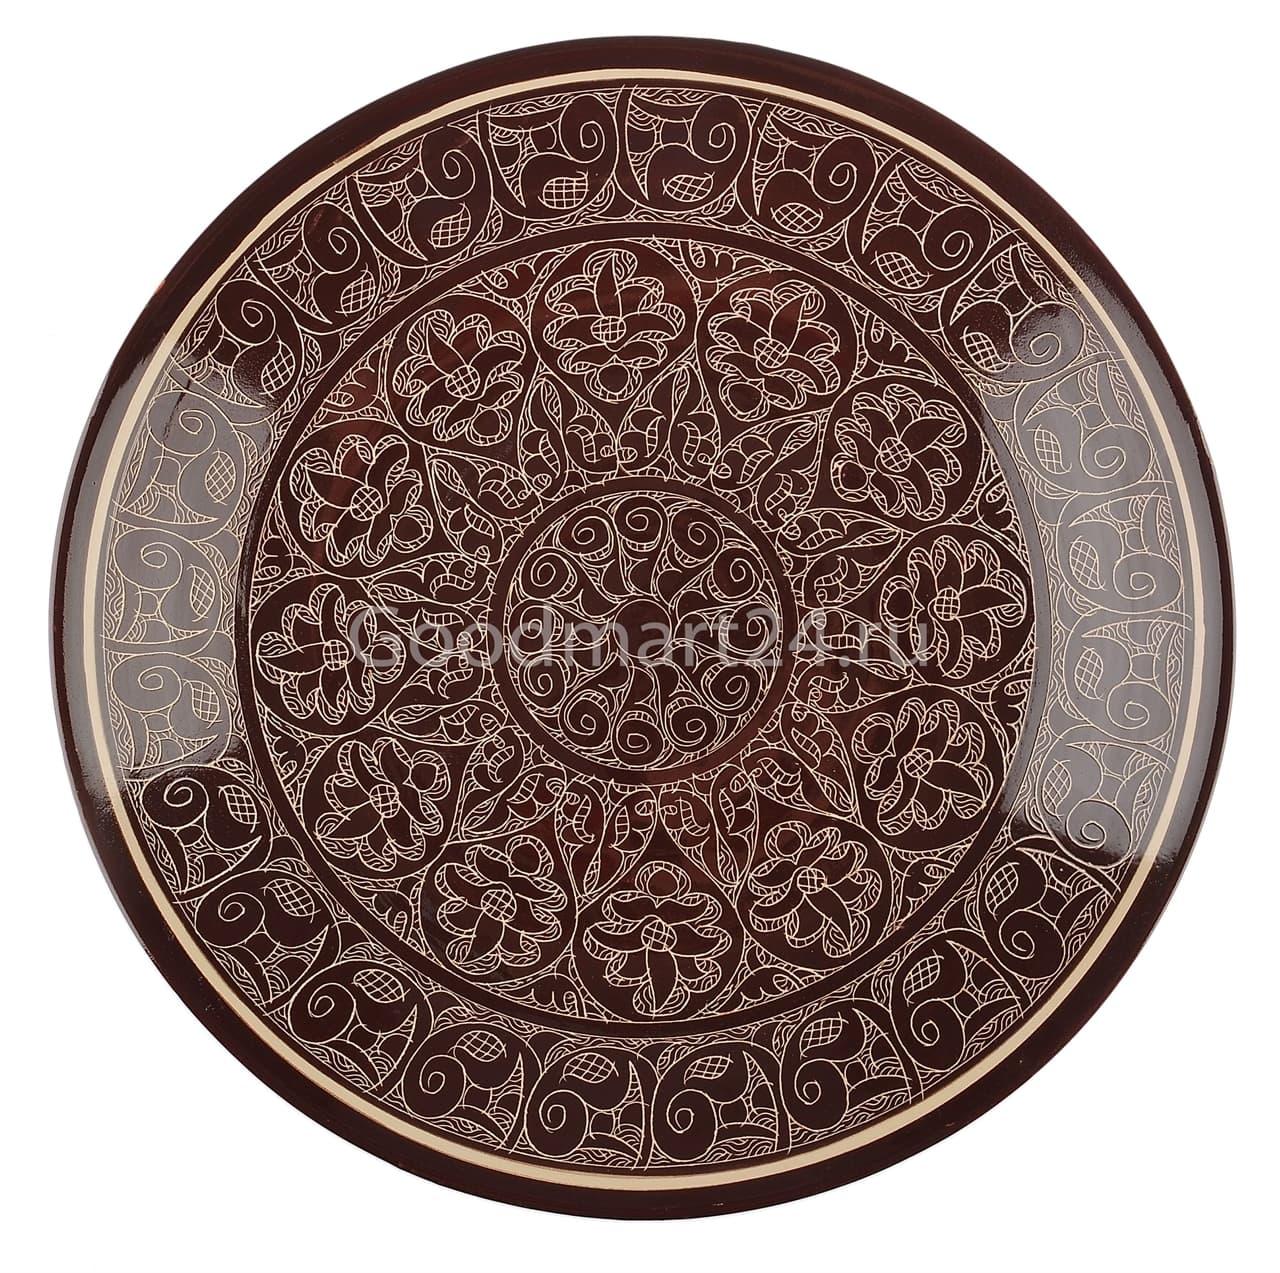 Ляган Риштанская Керамика 46 см. плоский, коричневый - фото 7363